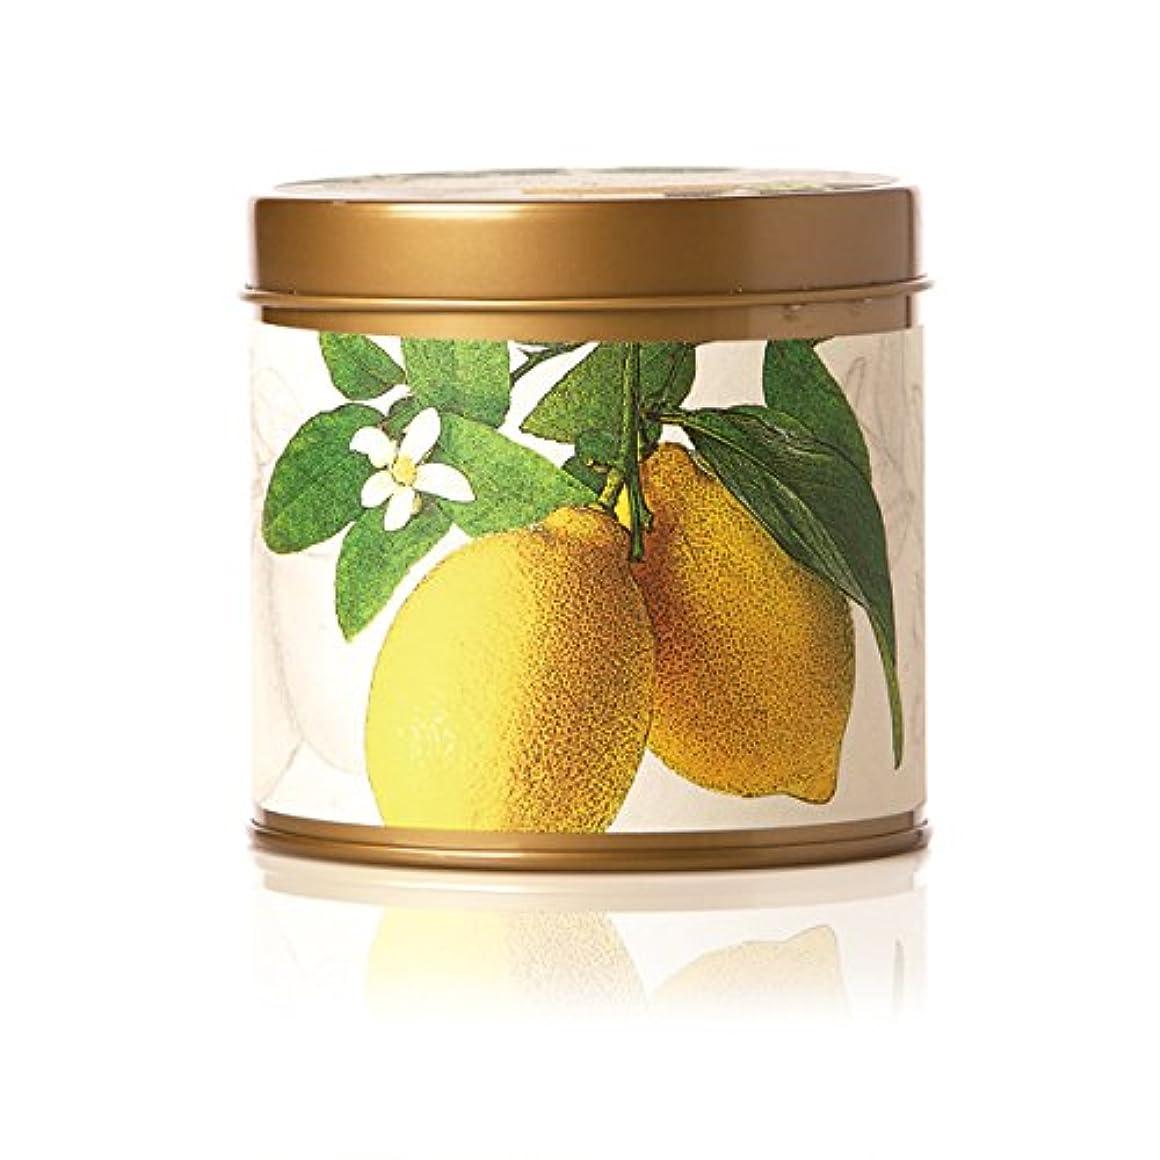 多くの危険がある状況口頭高揚したロージーリングス ティンキャンドル レモンブロッサム&ライチ ROSY RINGS Signature Tin Lemon Blossom & Lychee